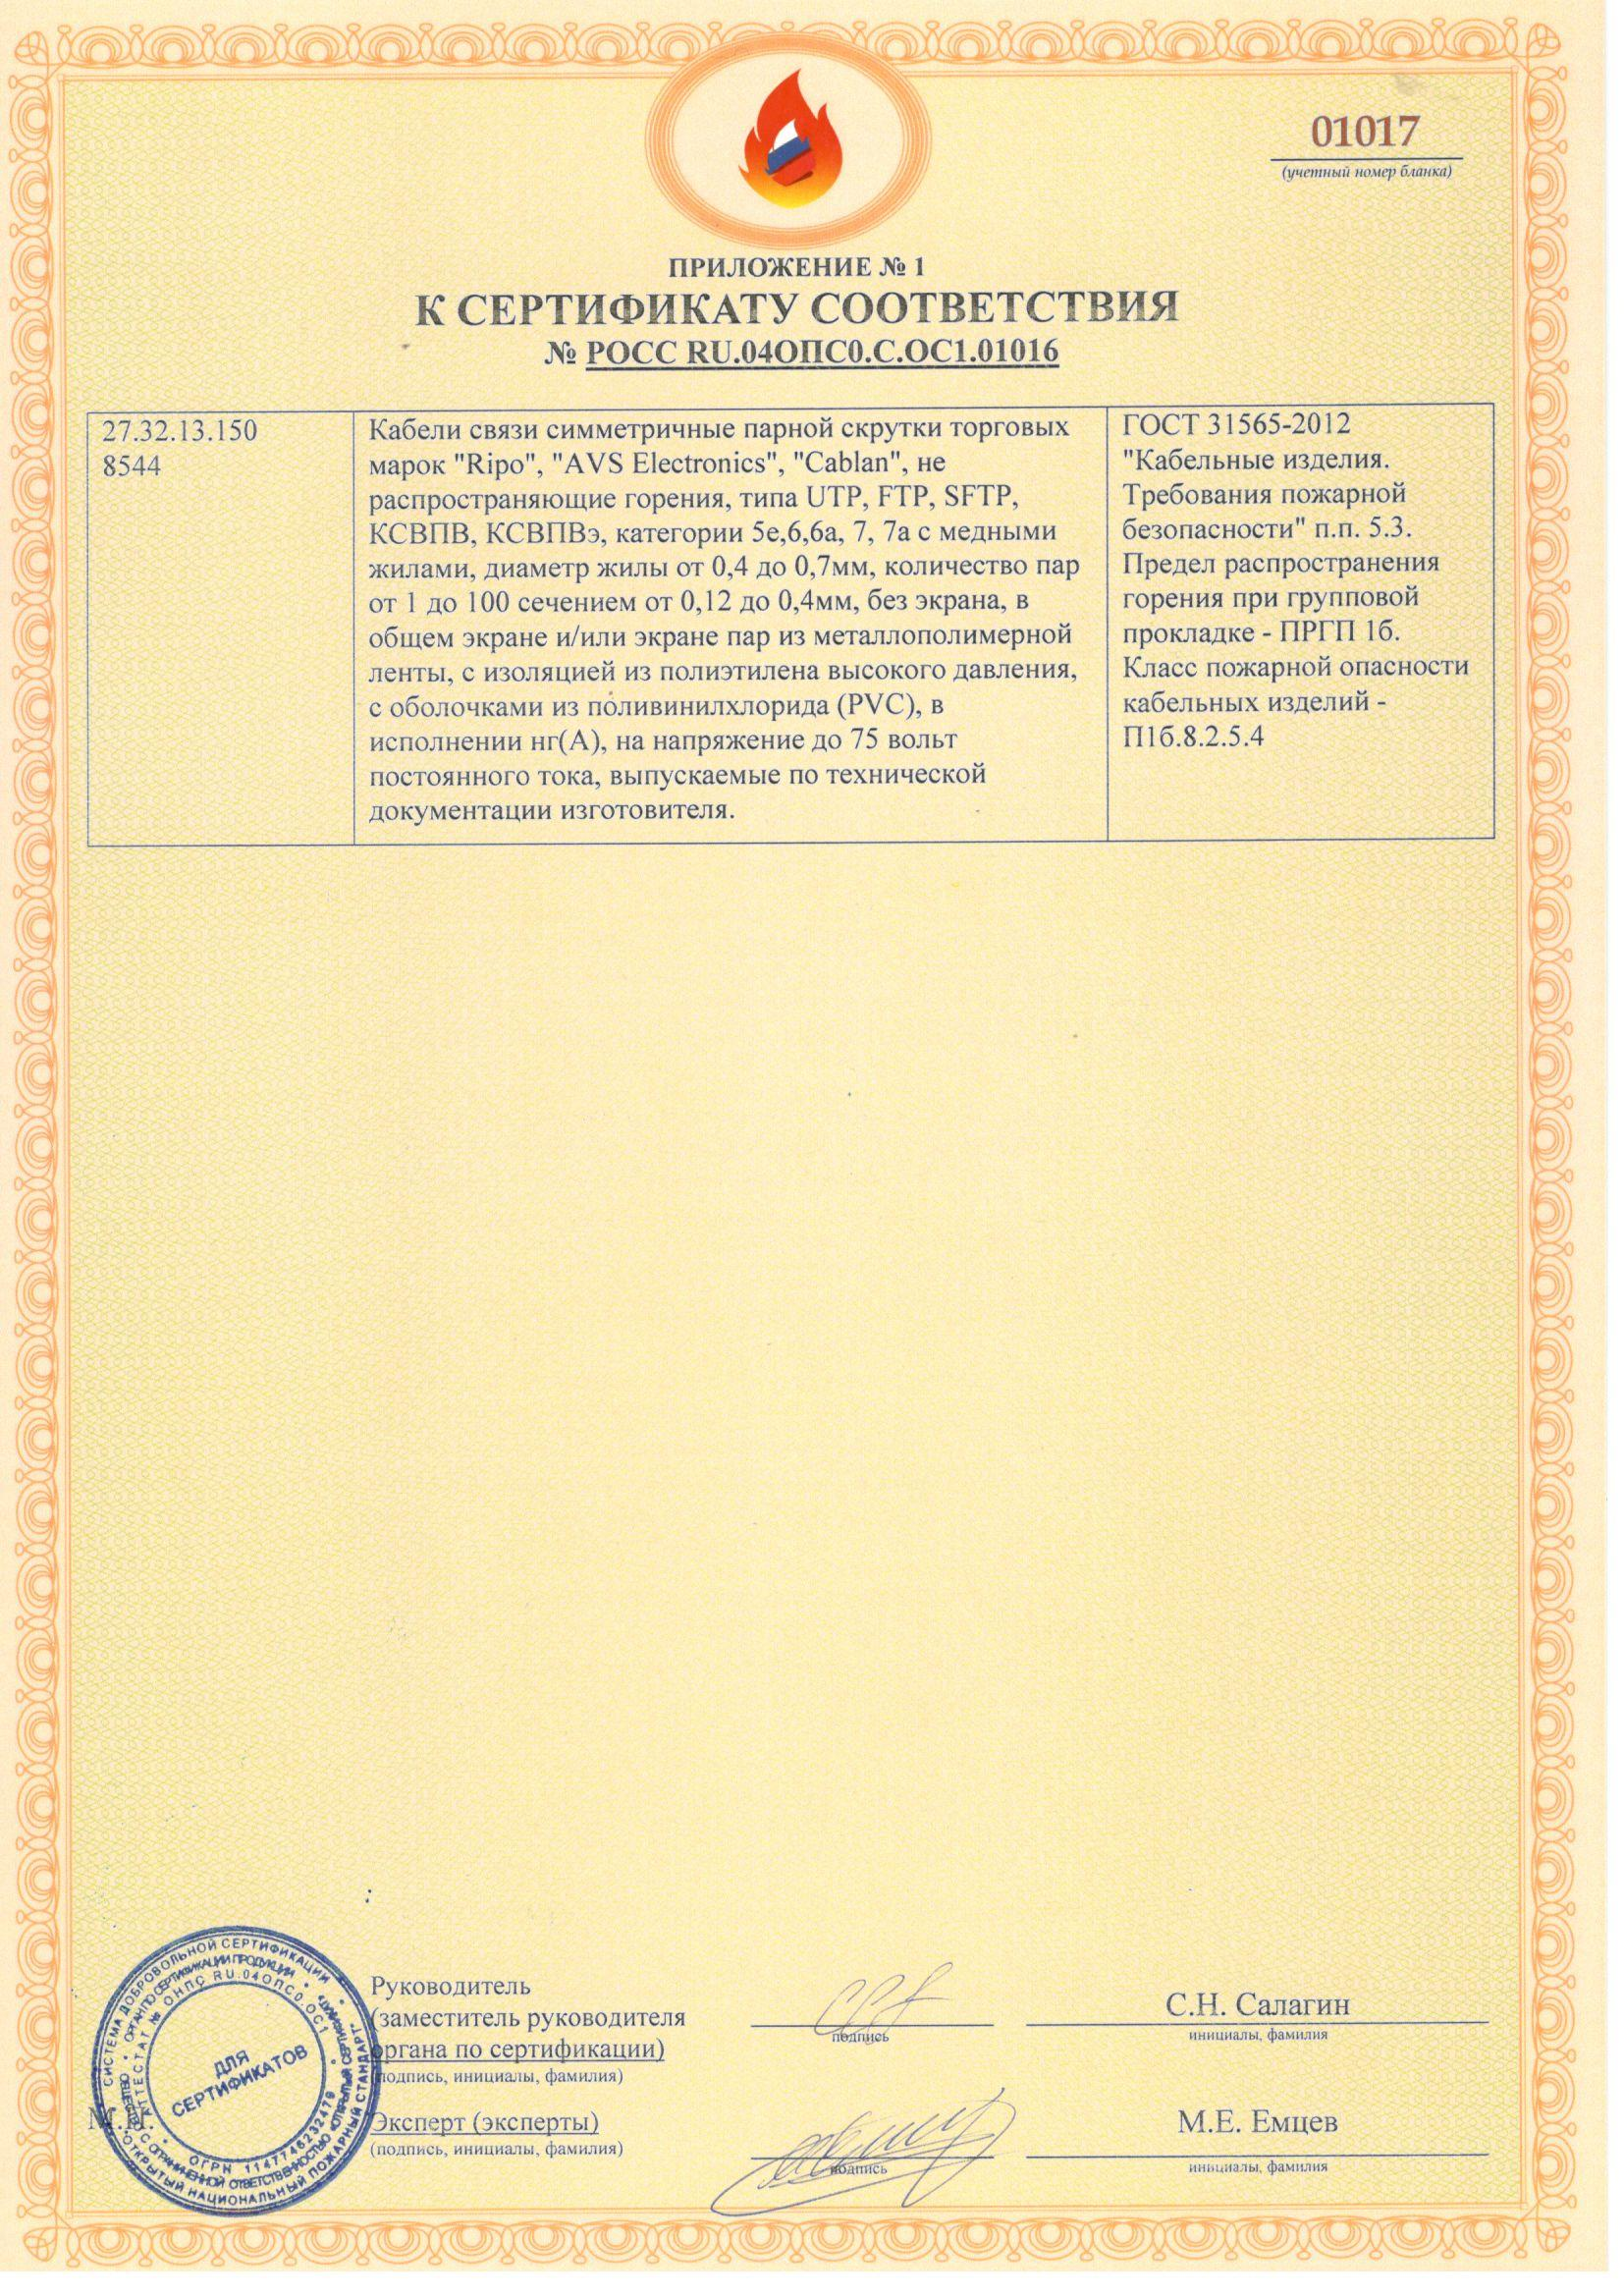 Пожарный сертификат Ripo, AVS Electronics